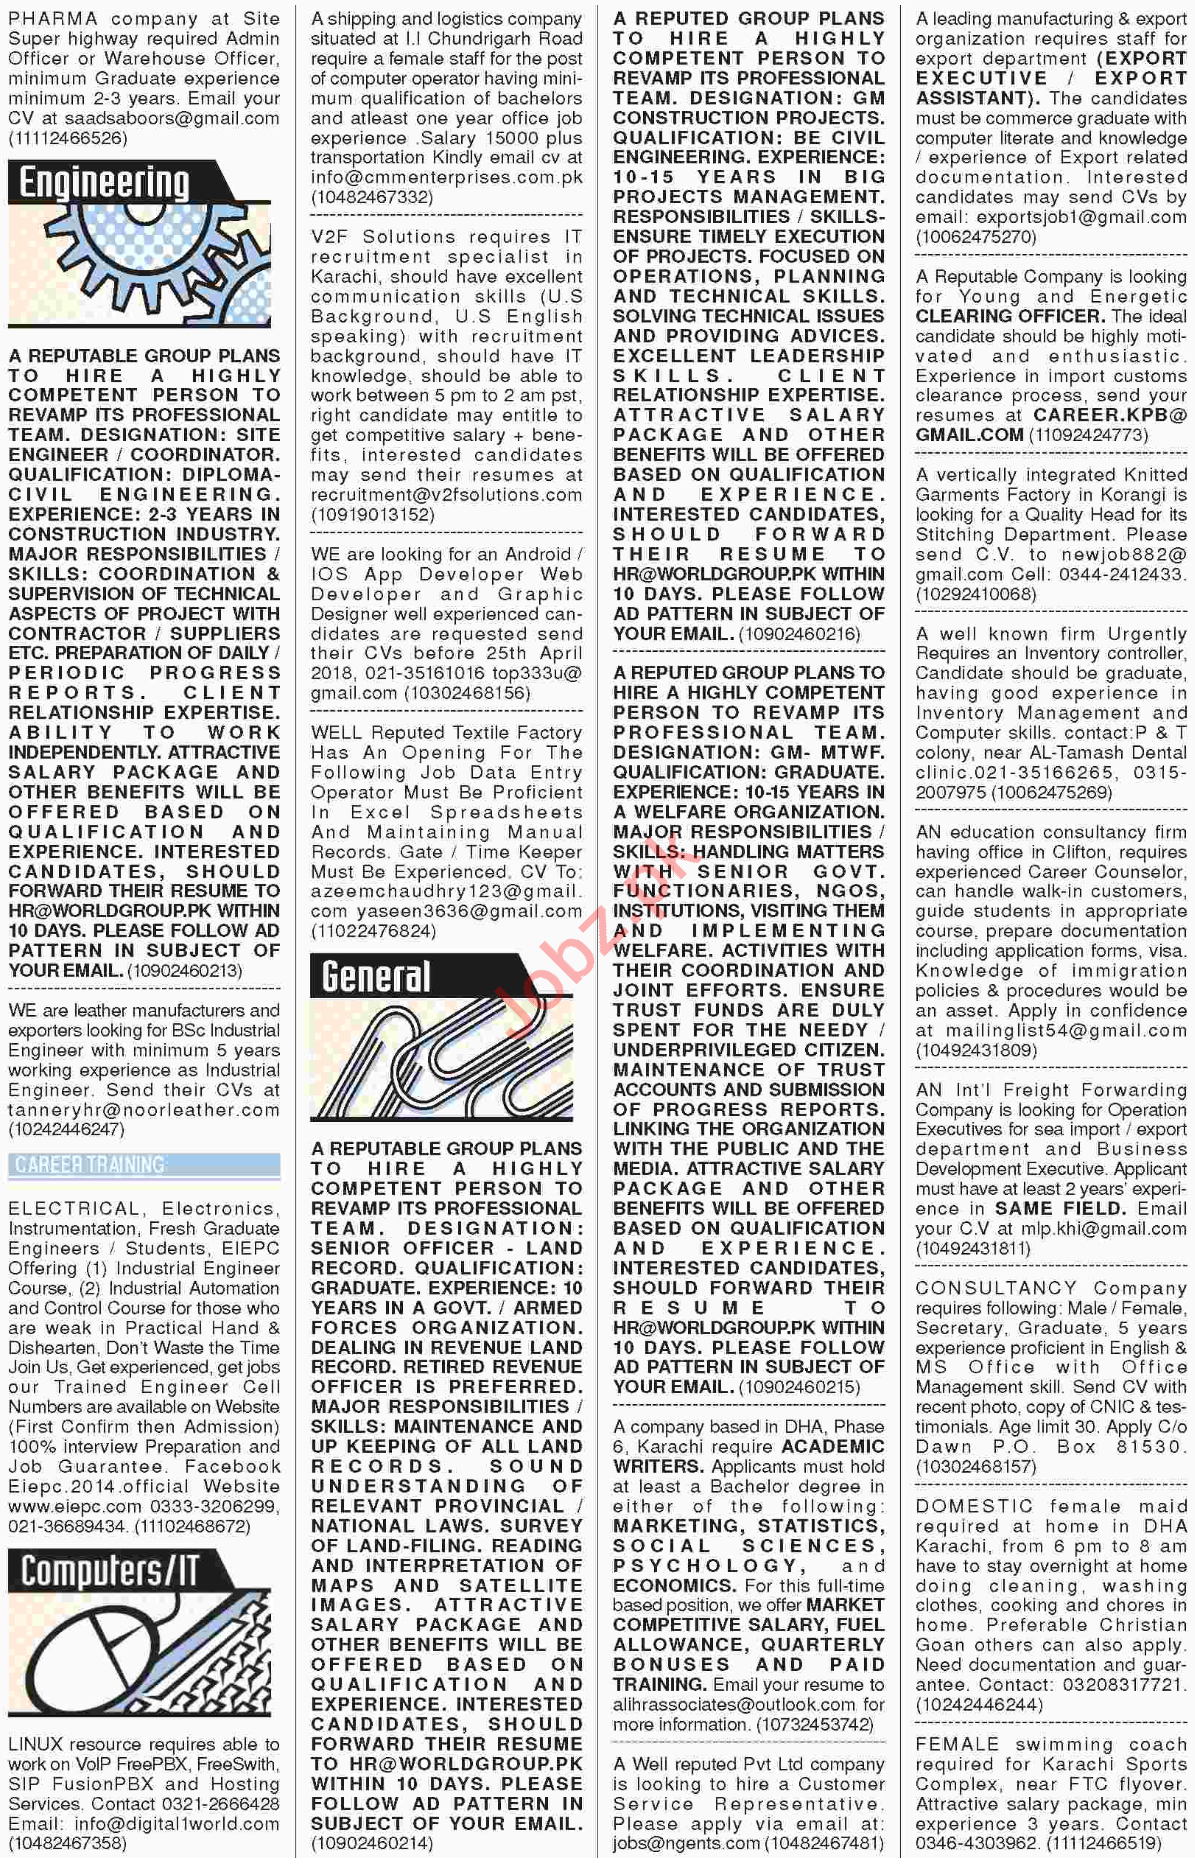 Dawn News Classified Jobs 2018 in Karachi